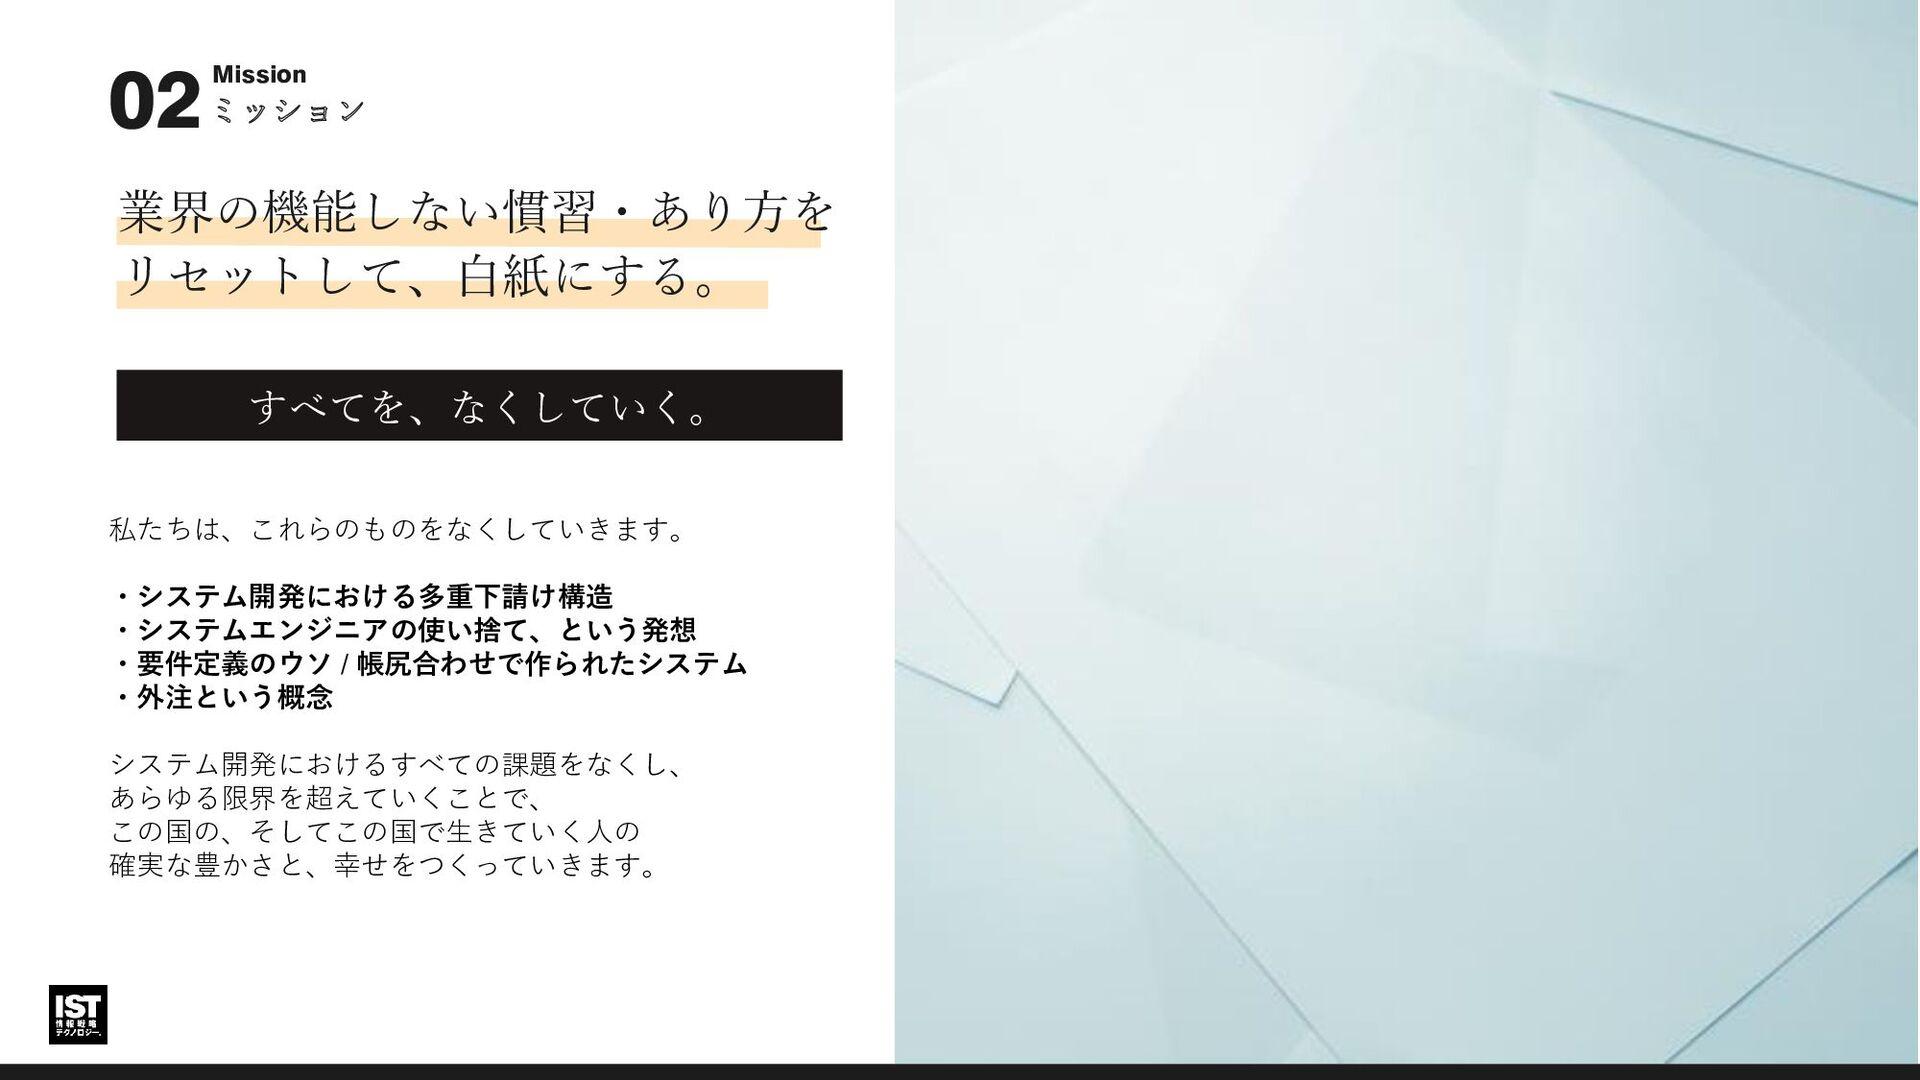 ビジョン 未来 02 ビジョン / 2032年100社1500億円 情報戦略テクノロジーを親会...